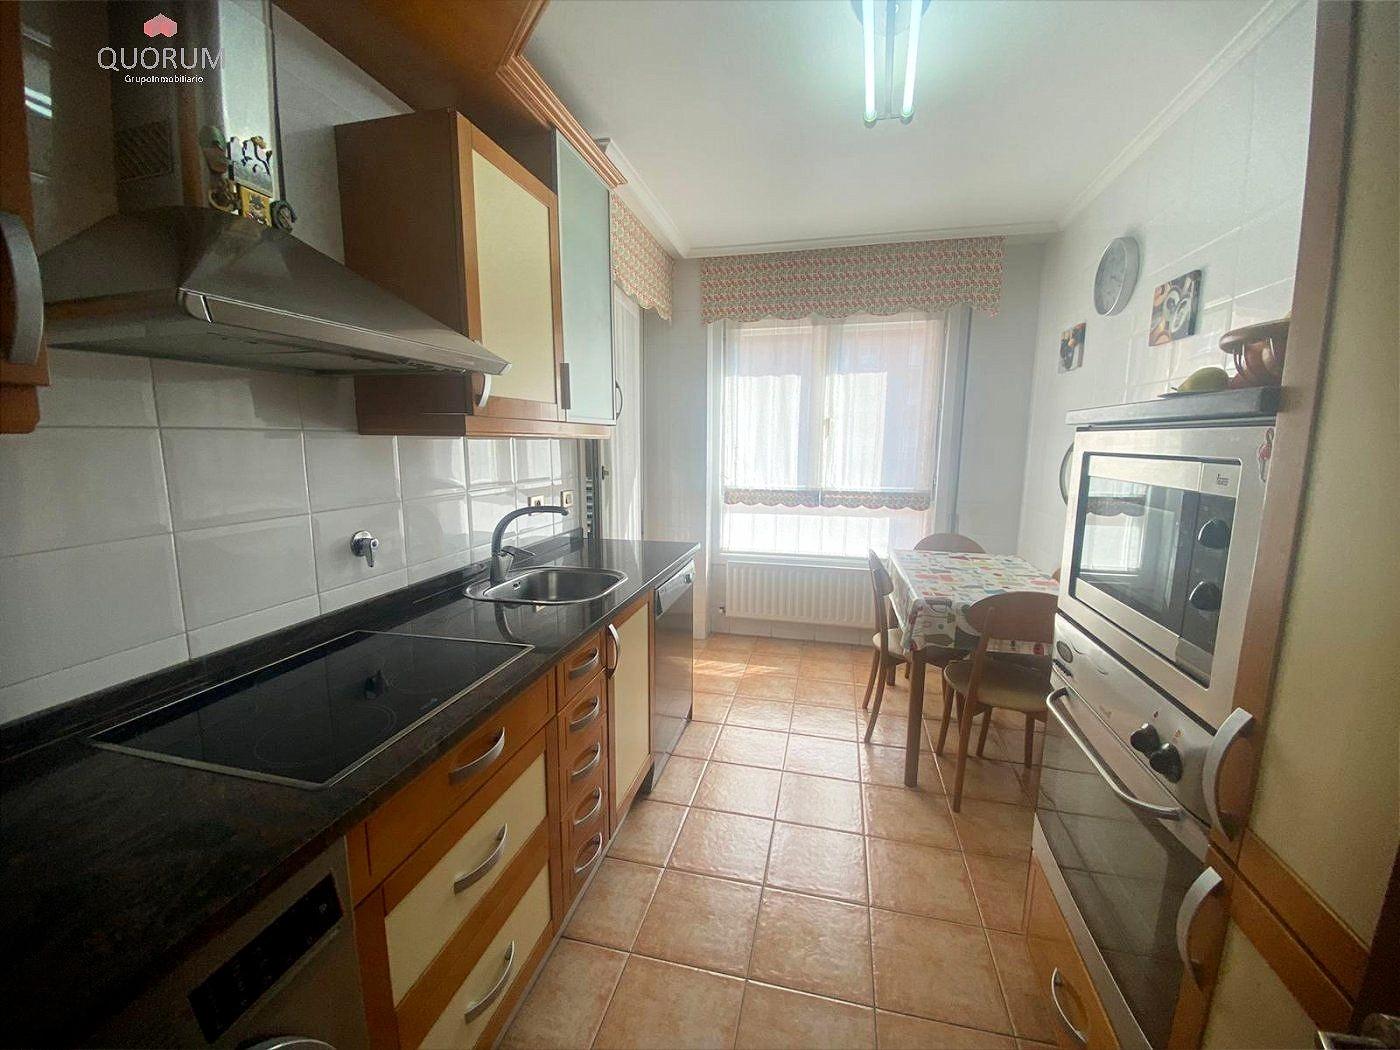 Apartamento, Etxebarri, Venta - Bizkaia (Bizkaia)